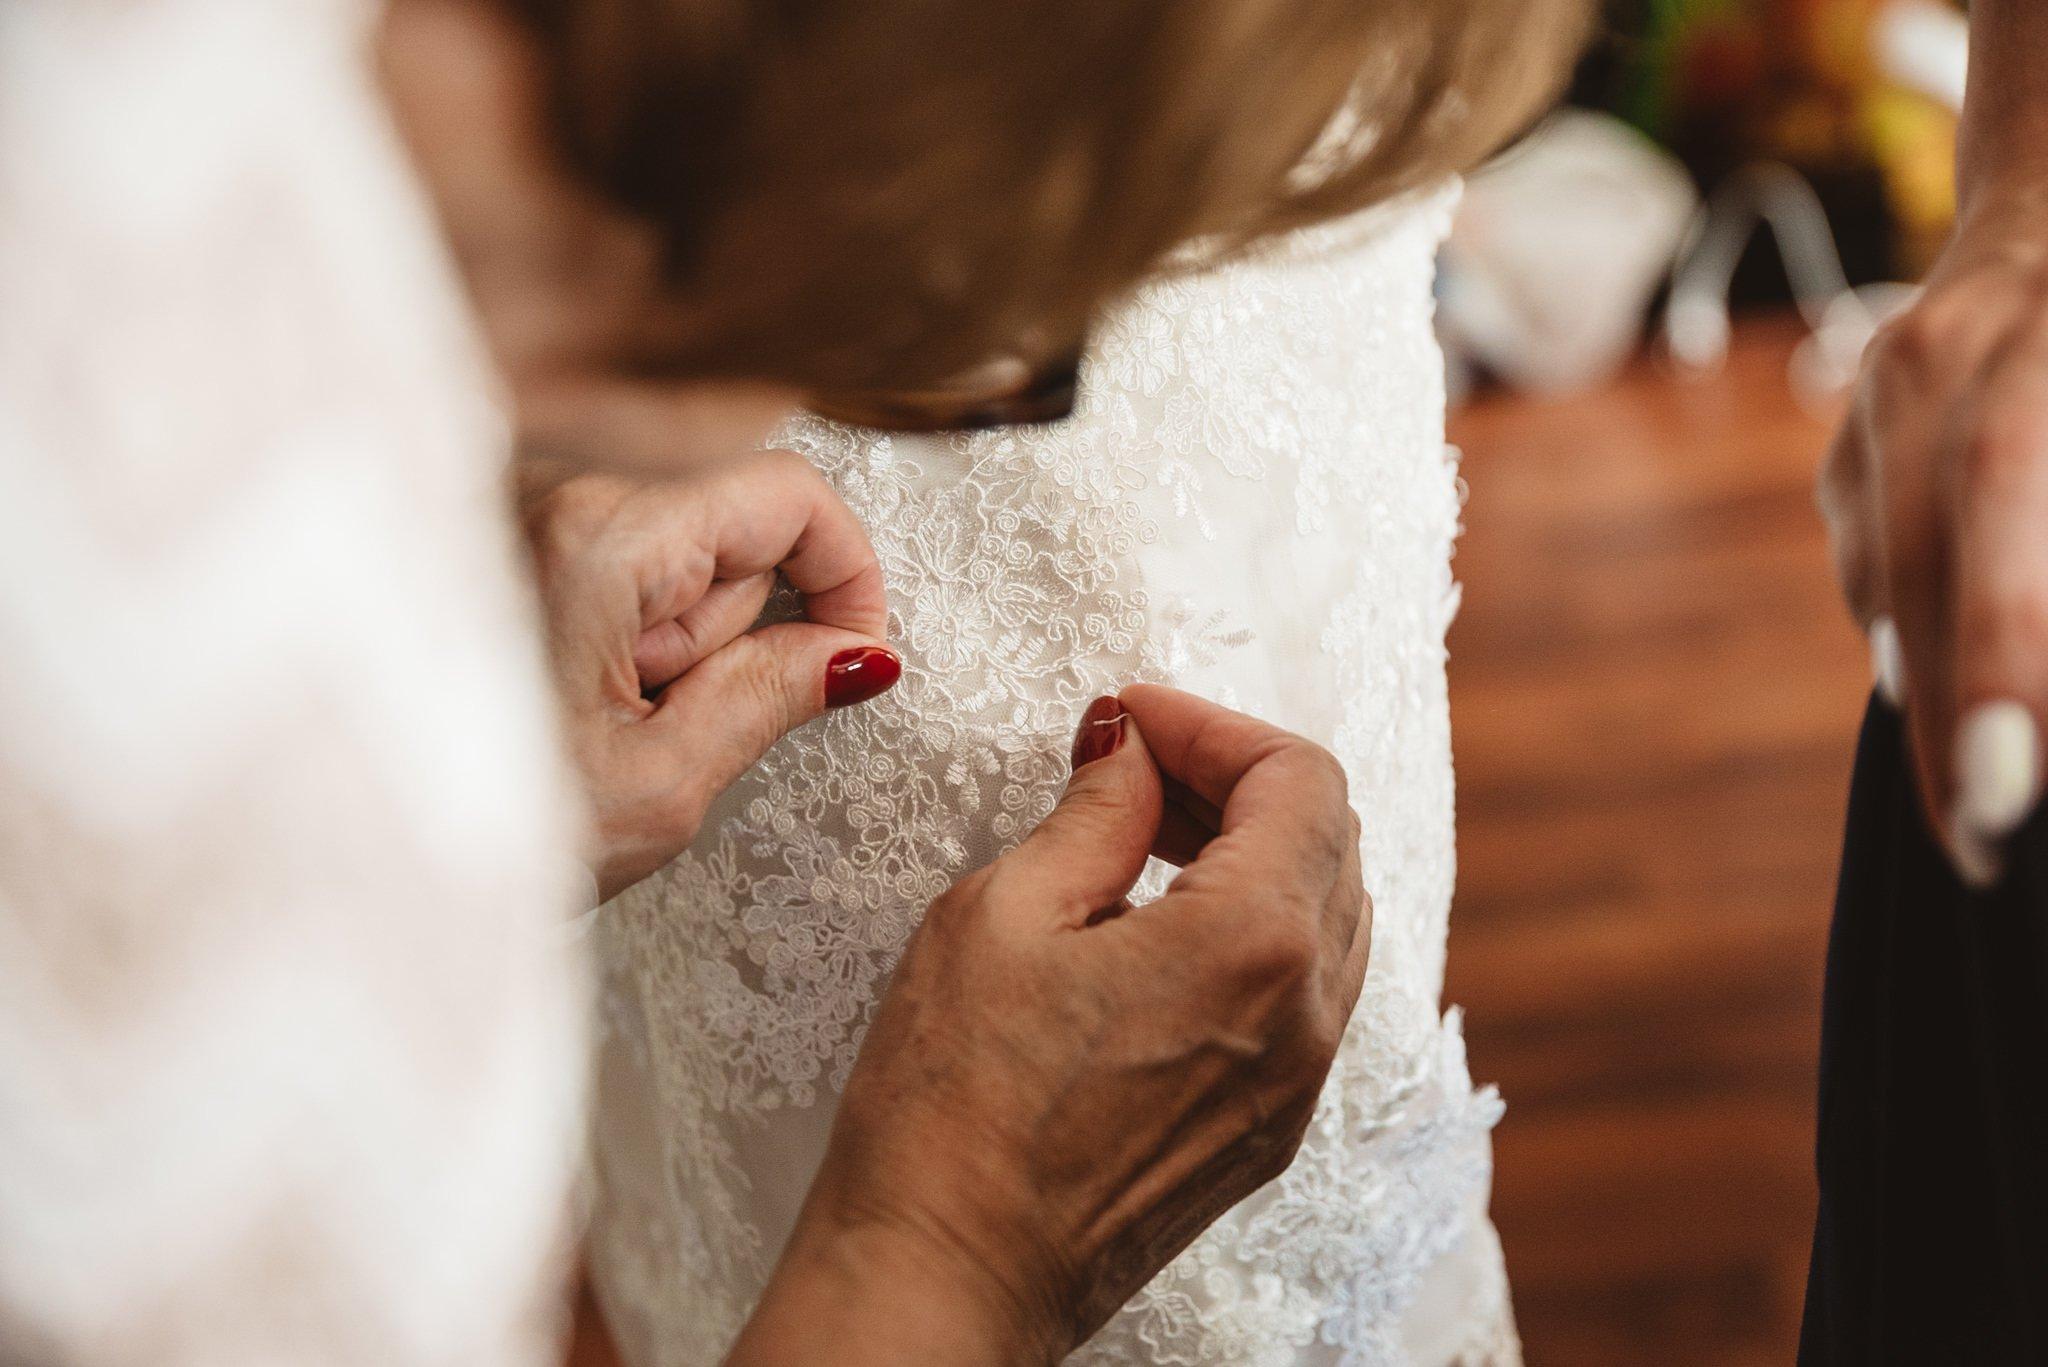 Ala i Arek, czyli jak zorganizować ślub i wesele w 4 tygodnie! 19